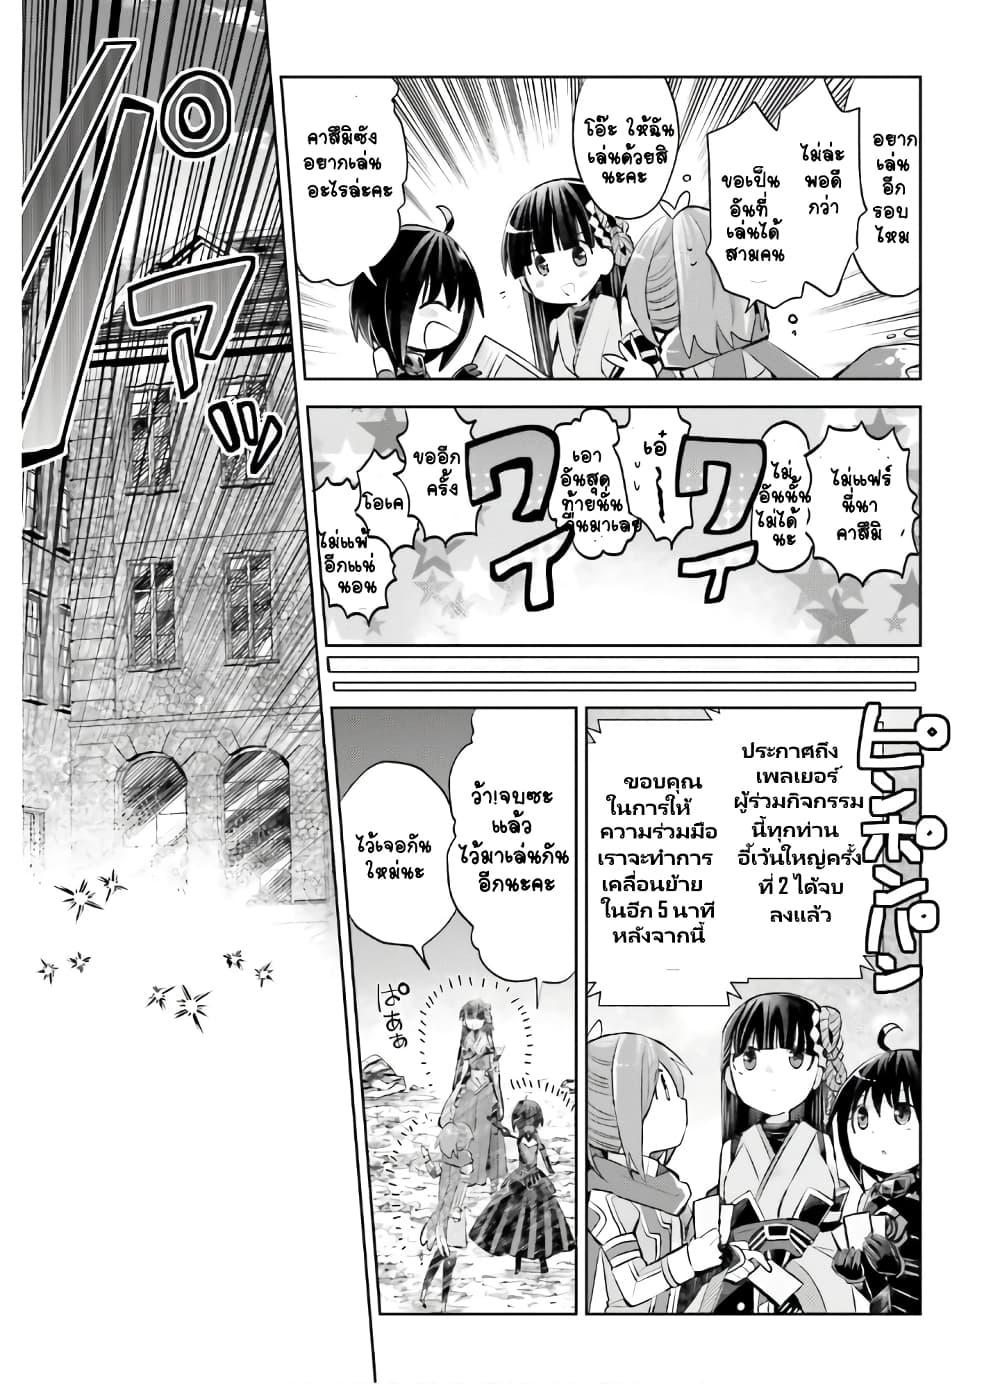 อ่านการ์ตูน Itai no wa Iya nanode Bogyo-Ryoku ni Kyokufuri Shitai to Omoimasu ตอนที่ 17 หน้าที่ 15